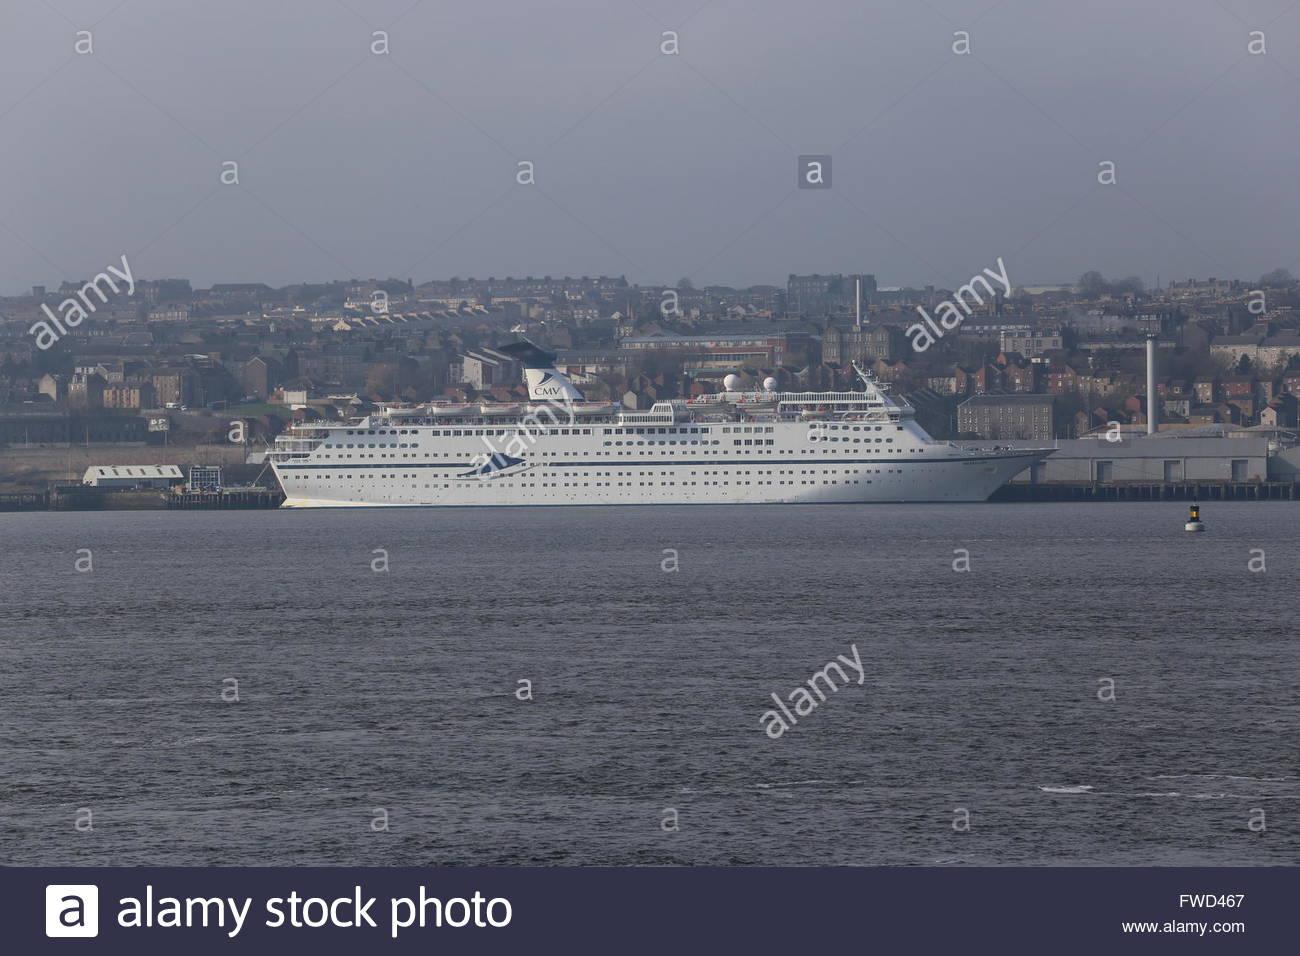 CMV cruise ship Magellan docked in Dundee Scotland  3rd April 2016 Stock Photo